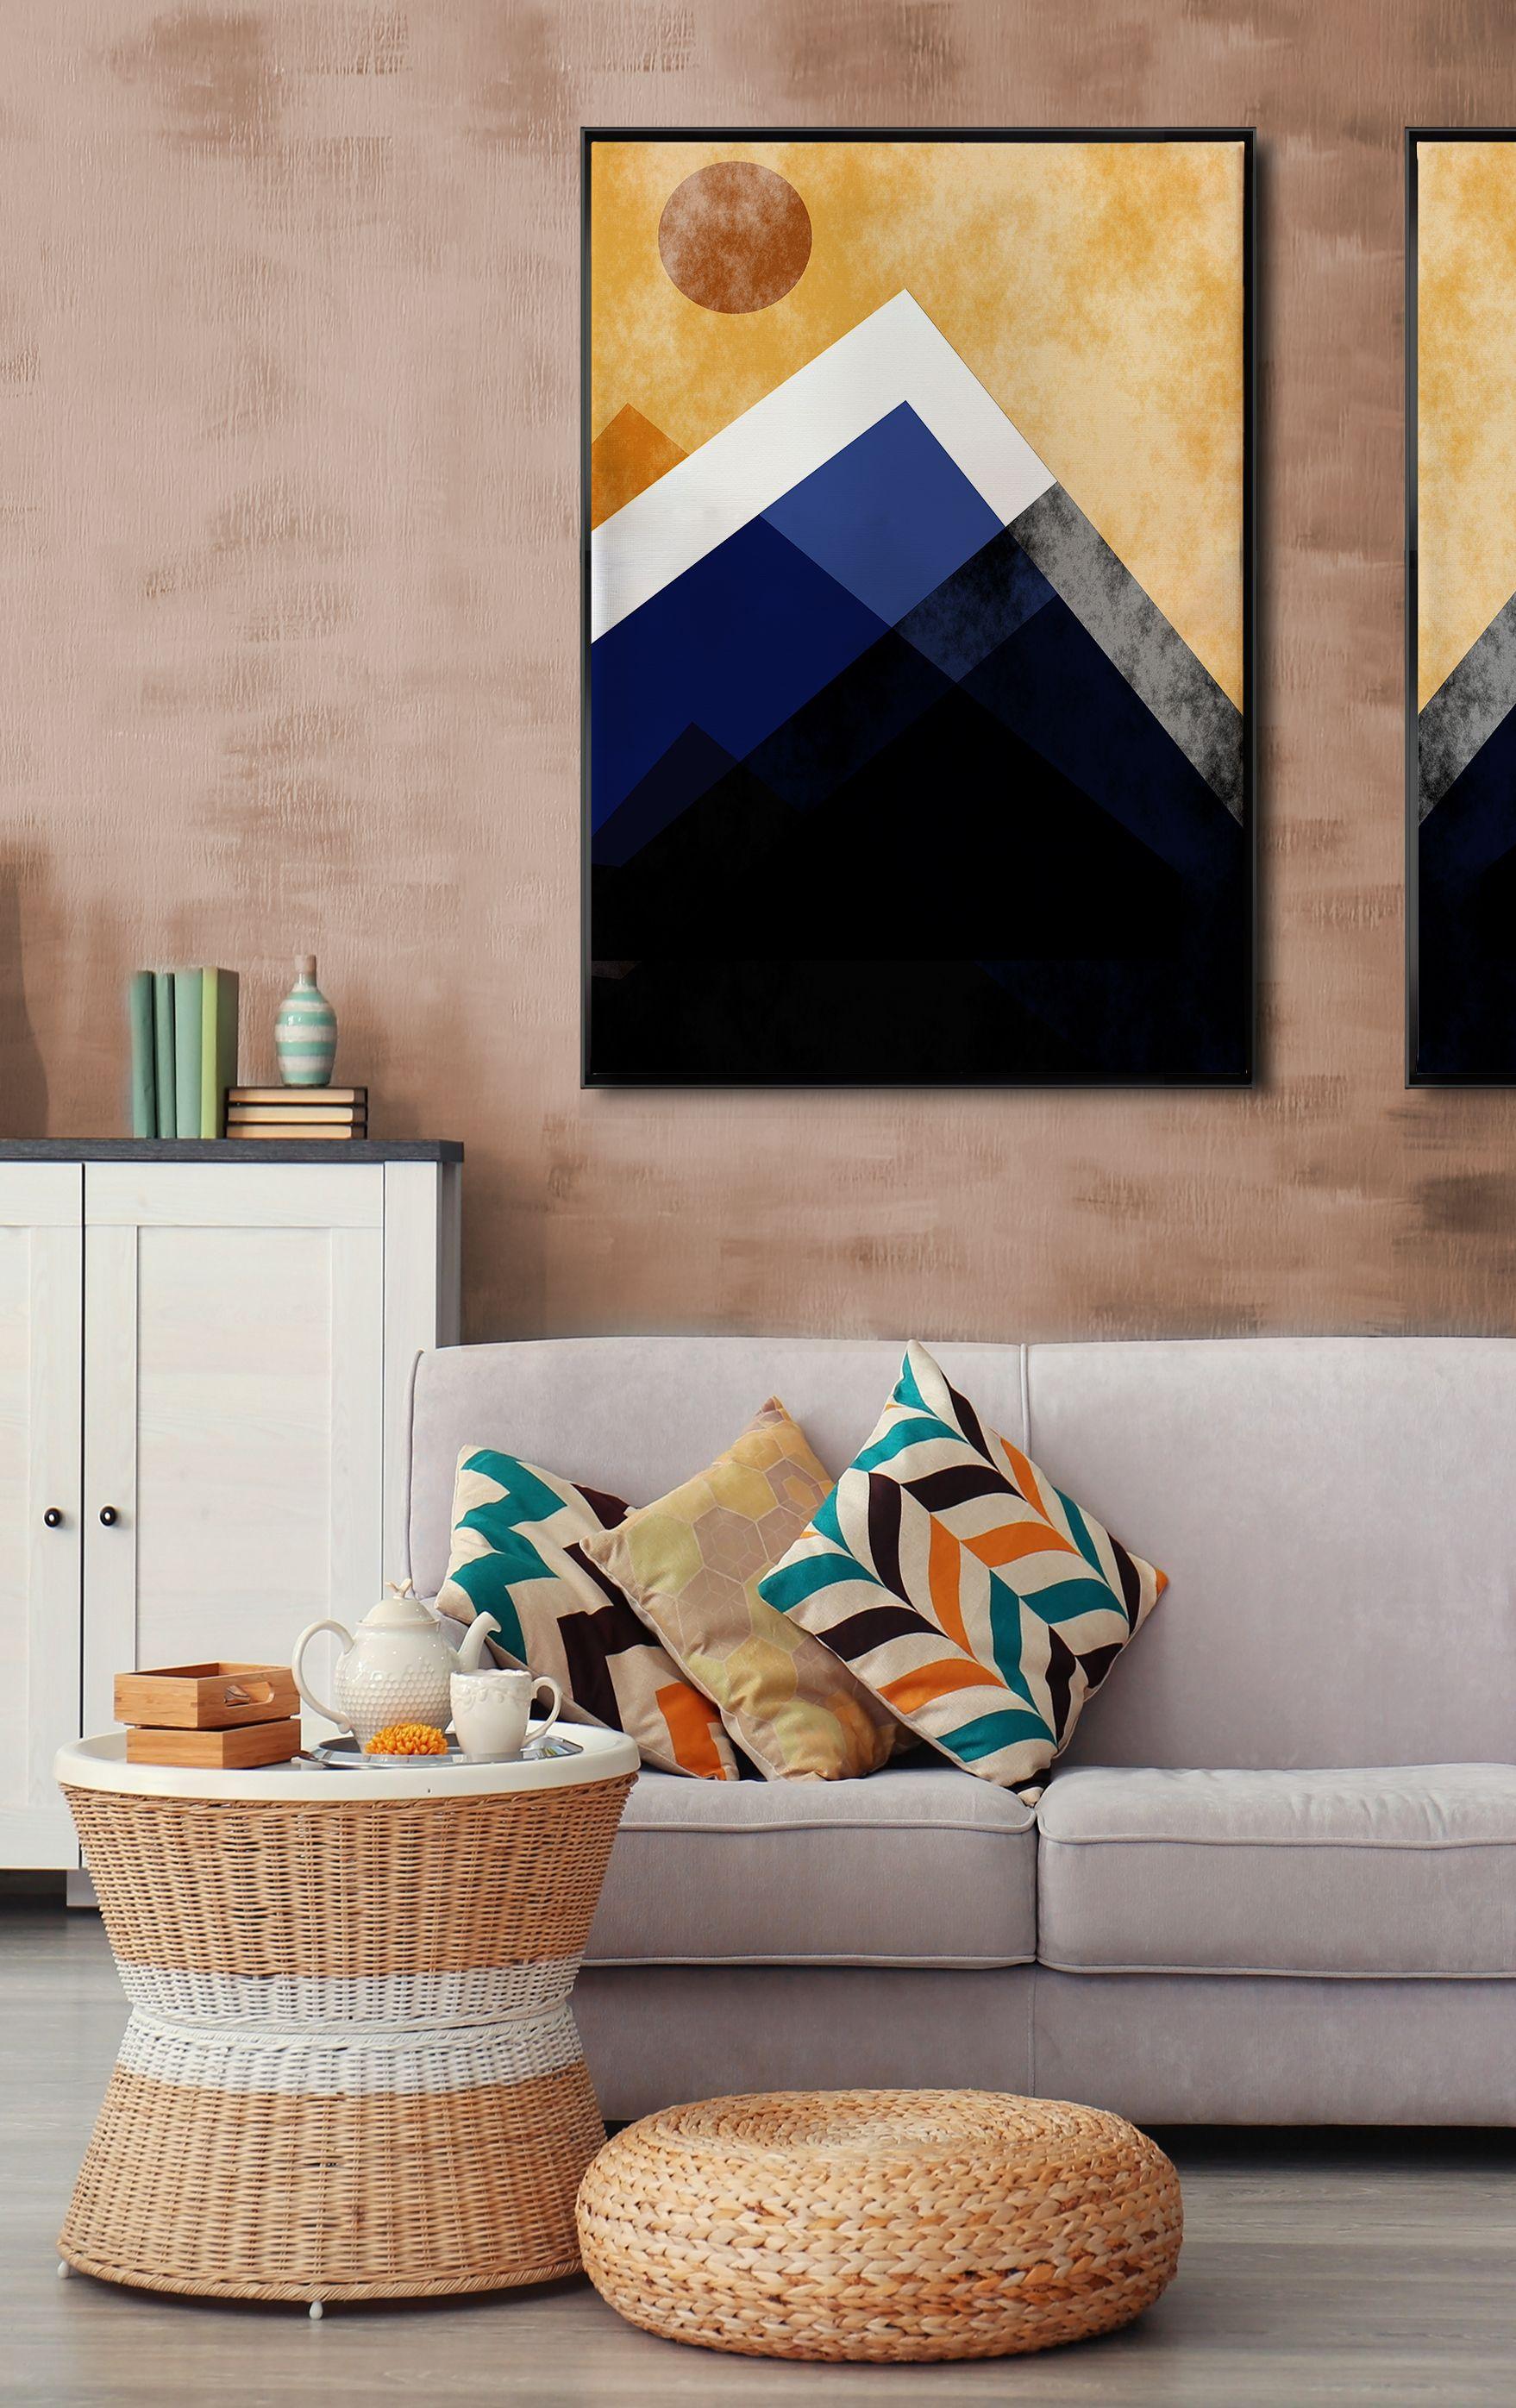 bilder von christine bassler einfaches mandala leinwand abstrakt foto auf mit rahmen bild vom